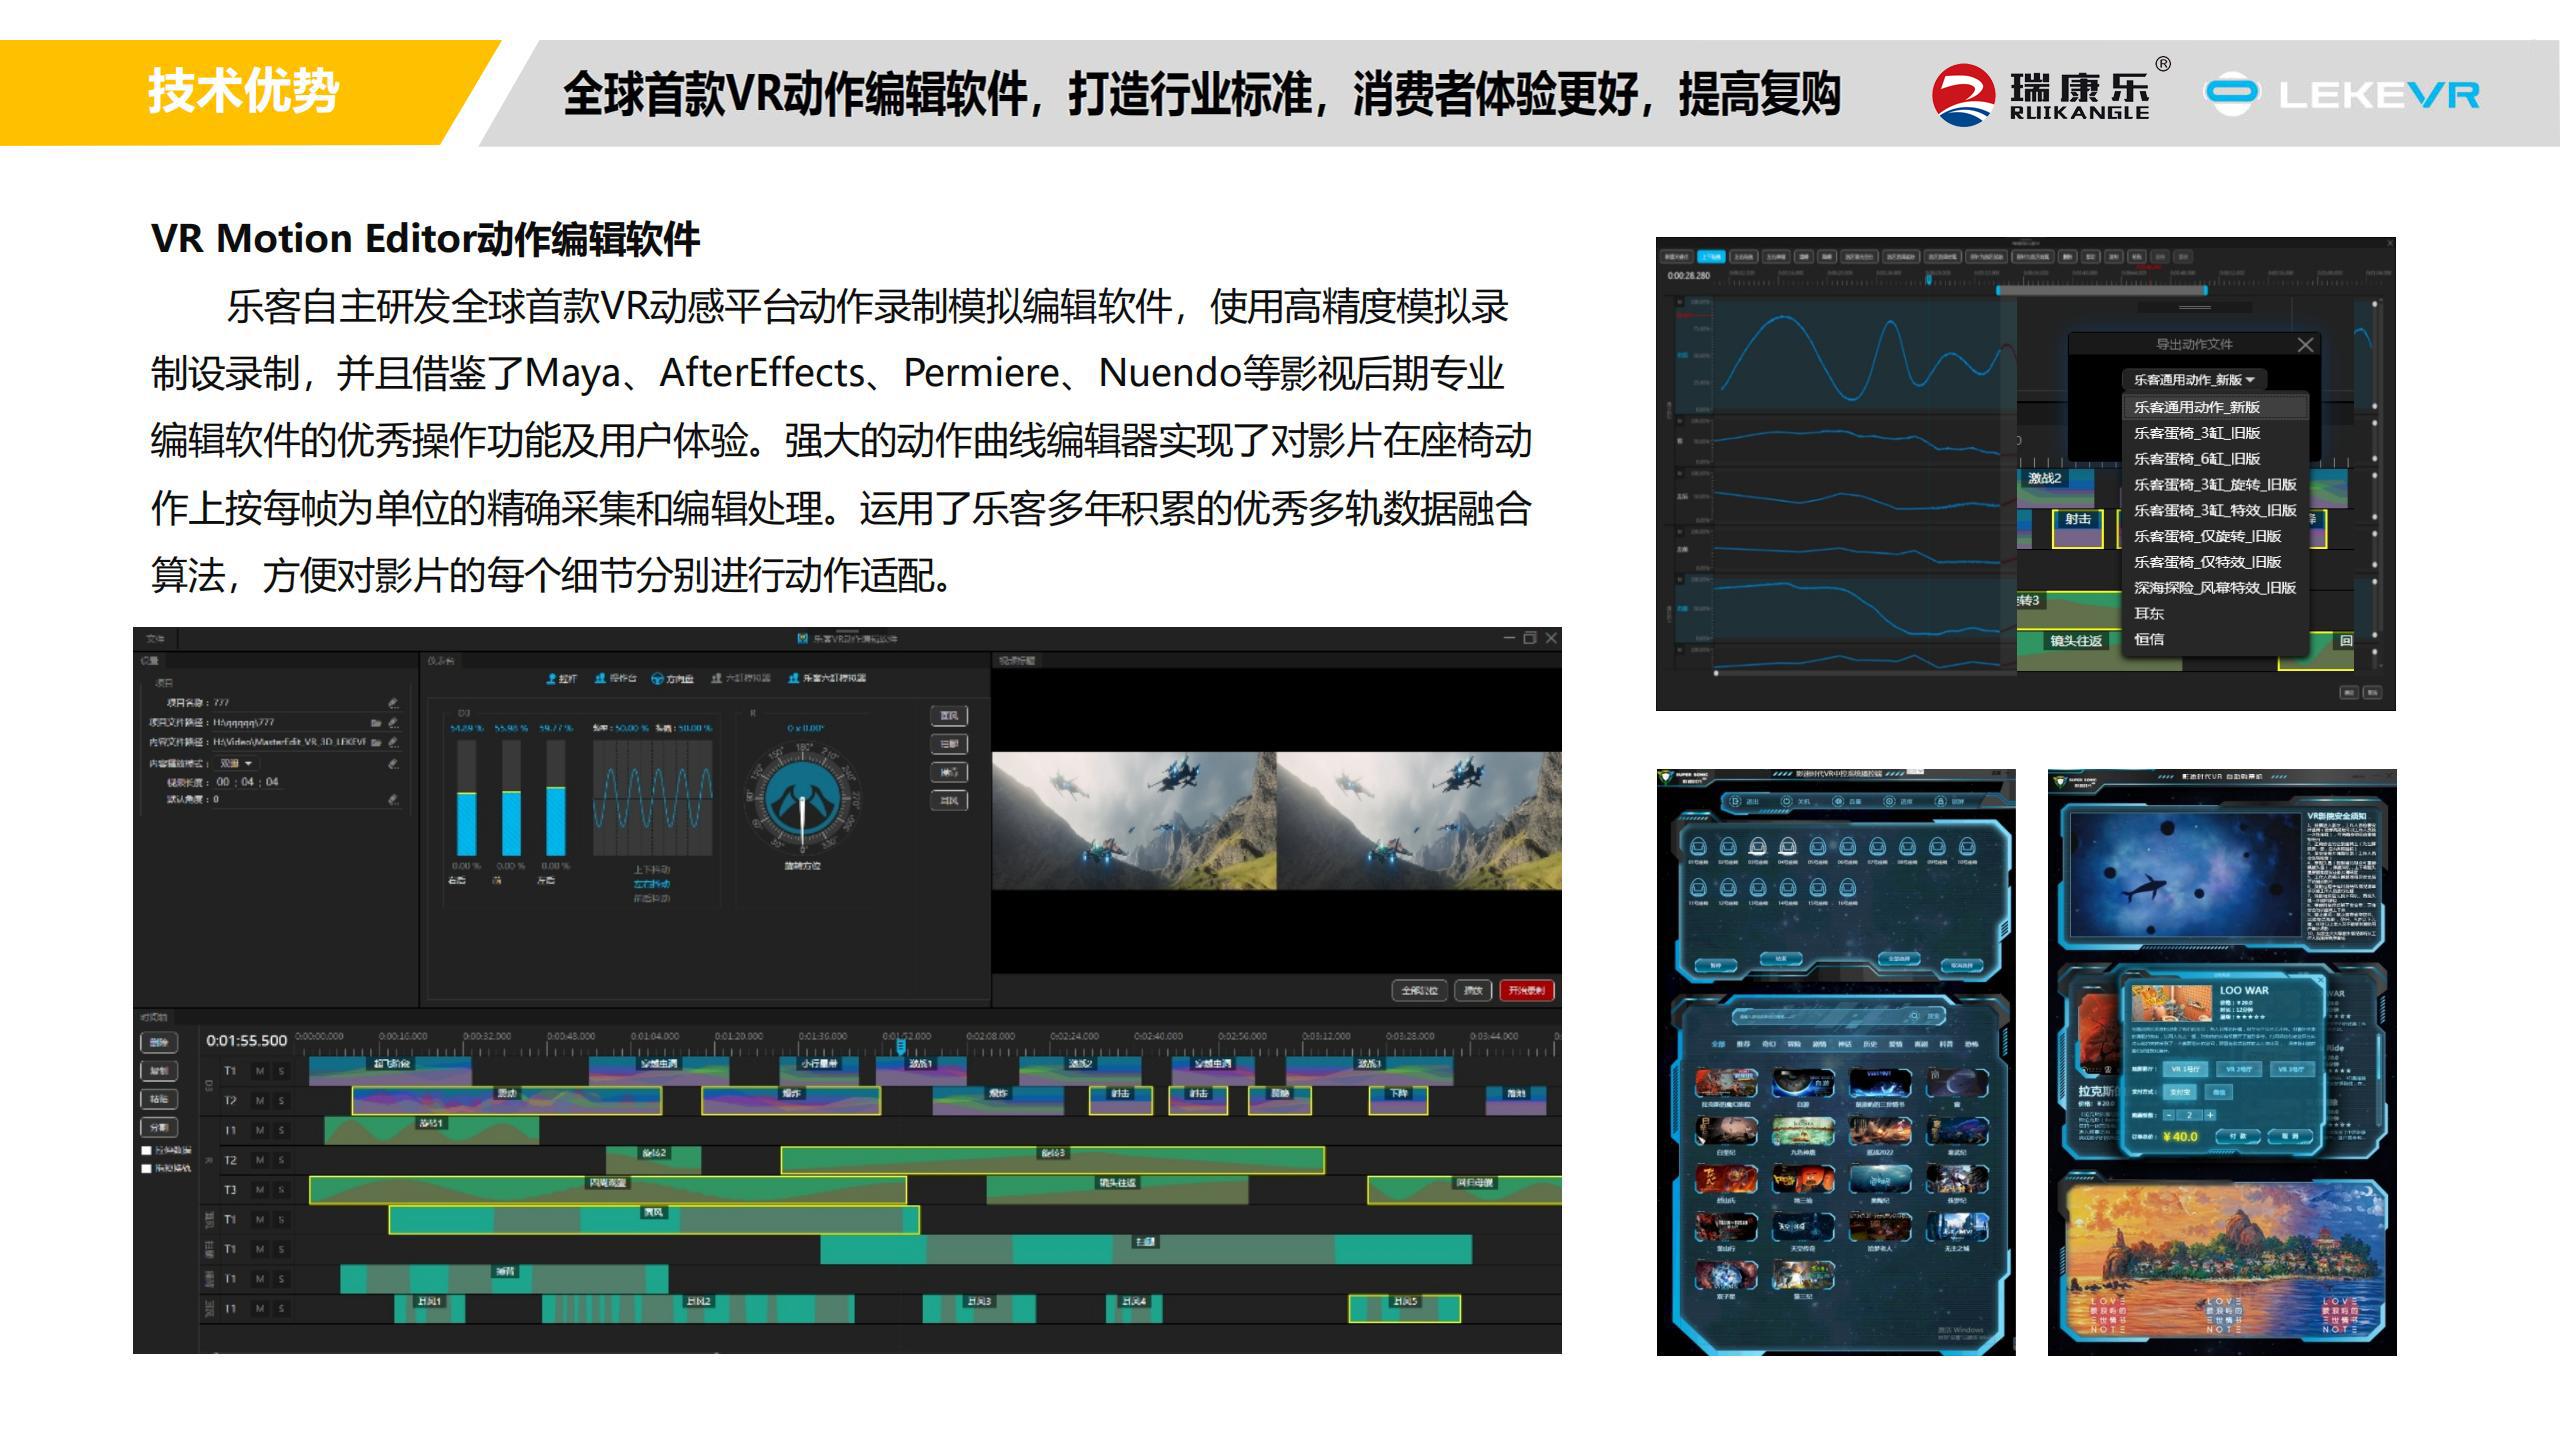 乐客VR联营项目介绍_20